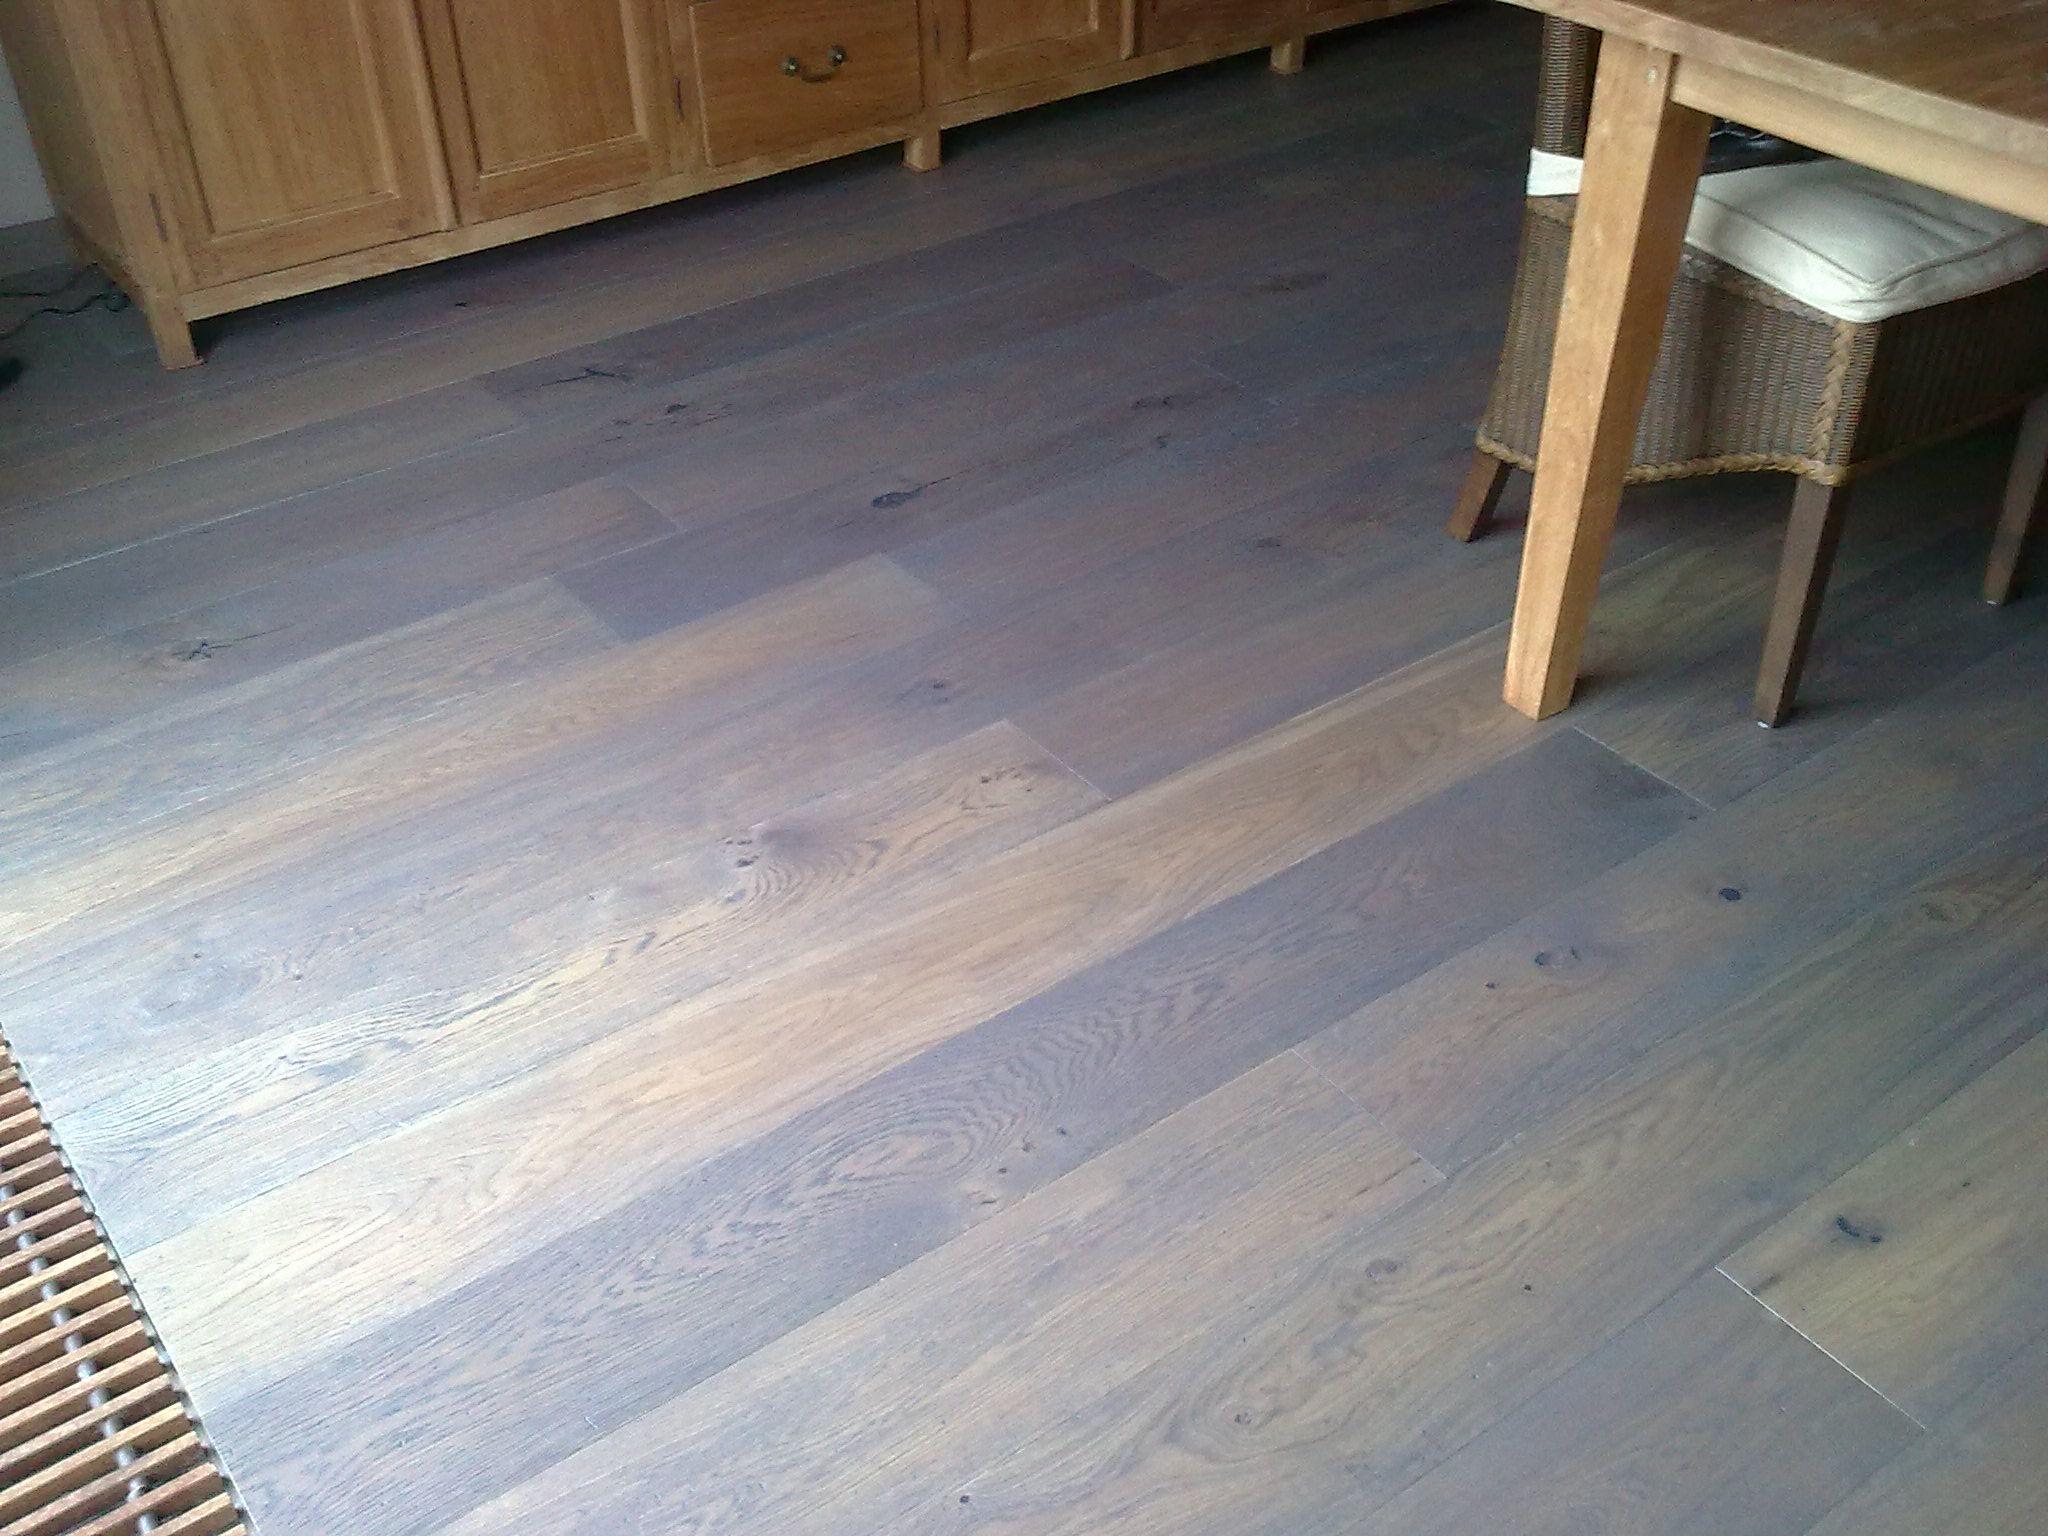 Lamett geolied en verouderd parket laminate wooden floors terras